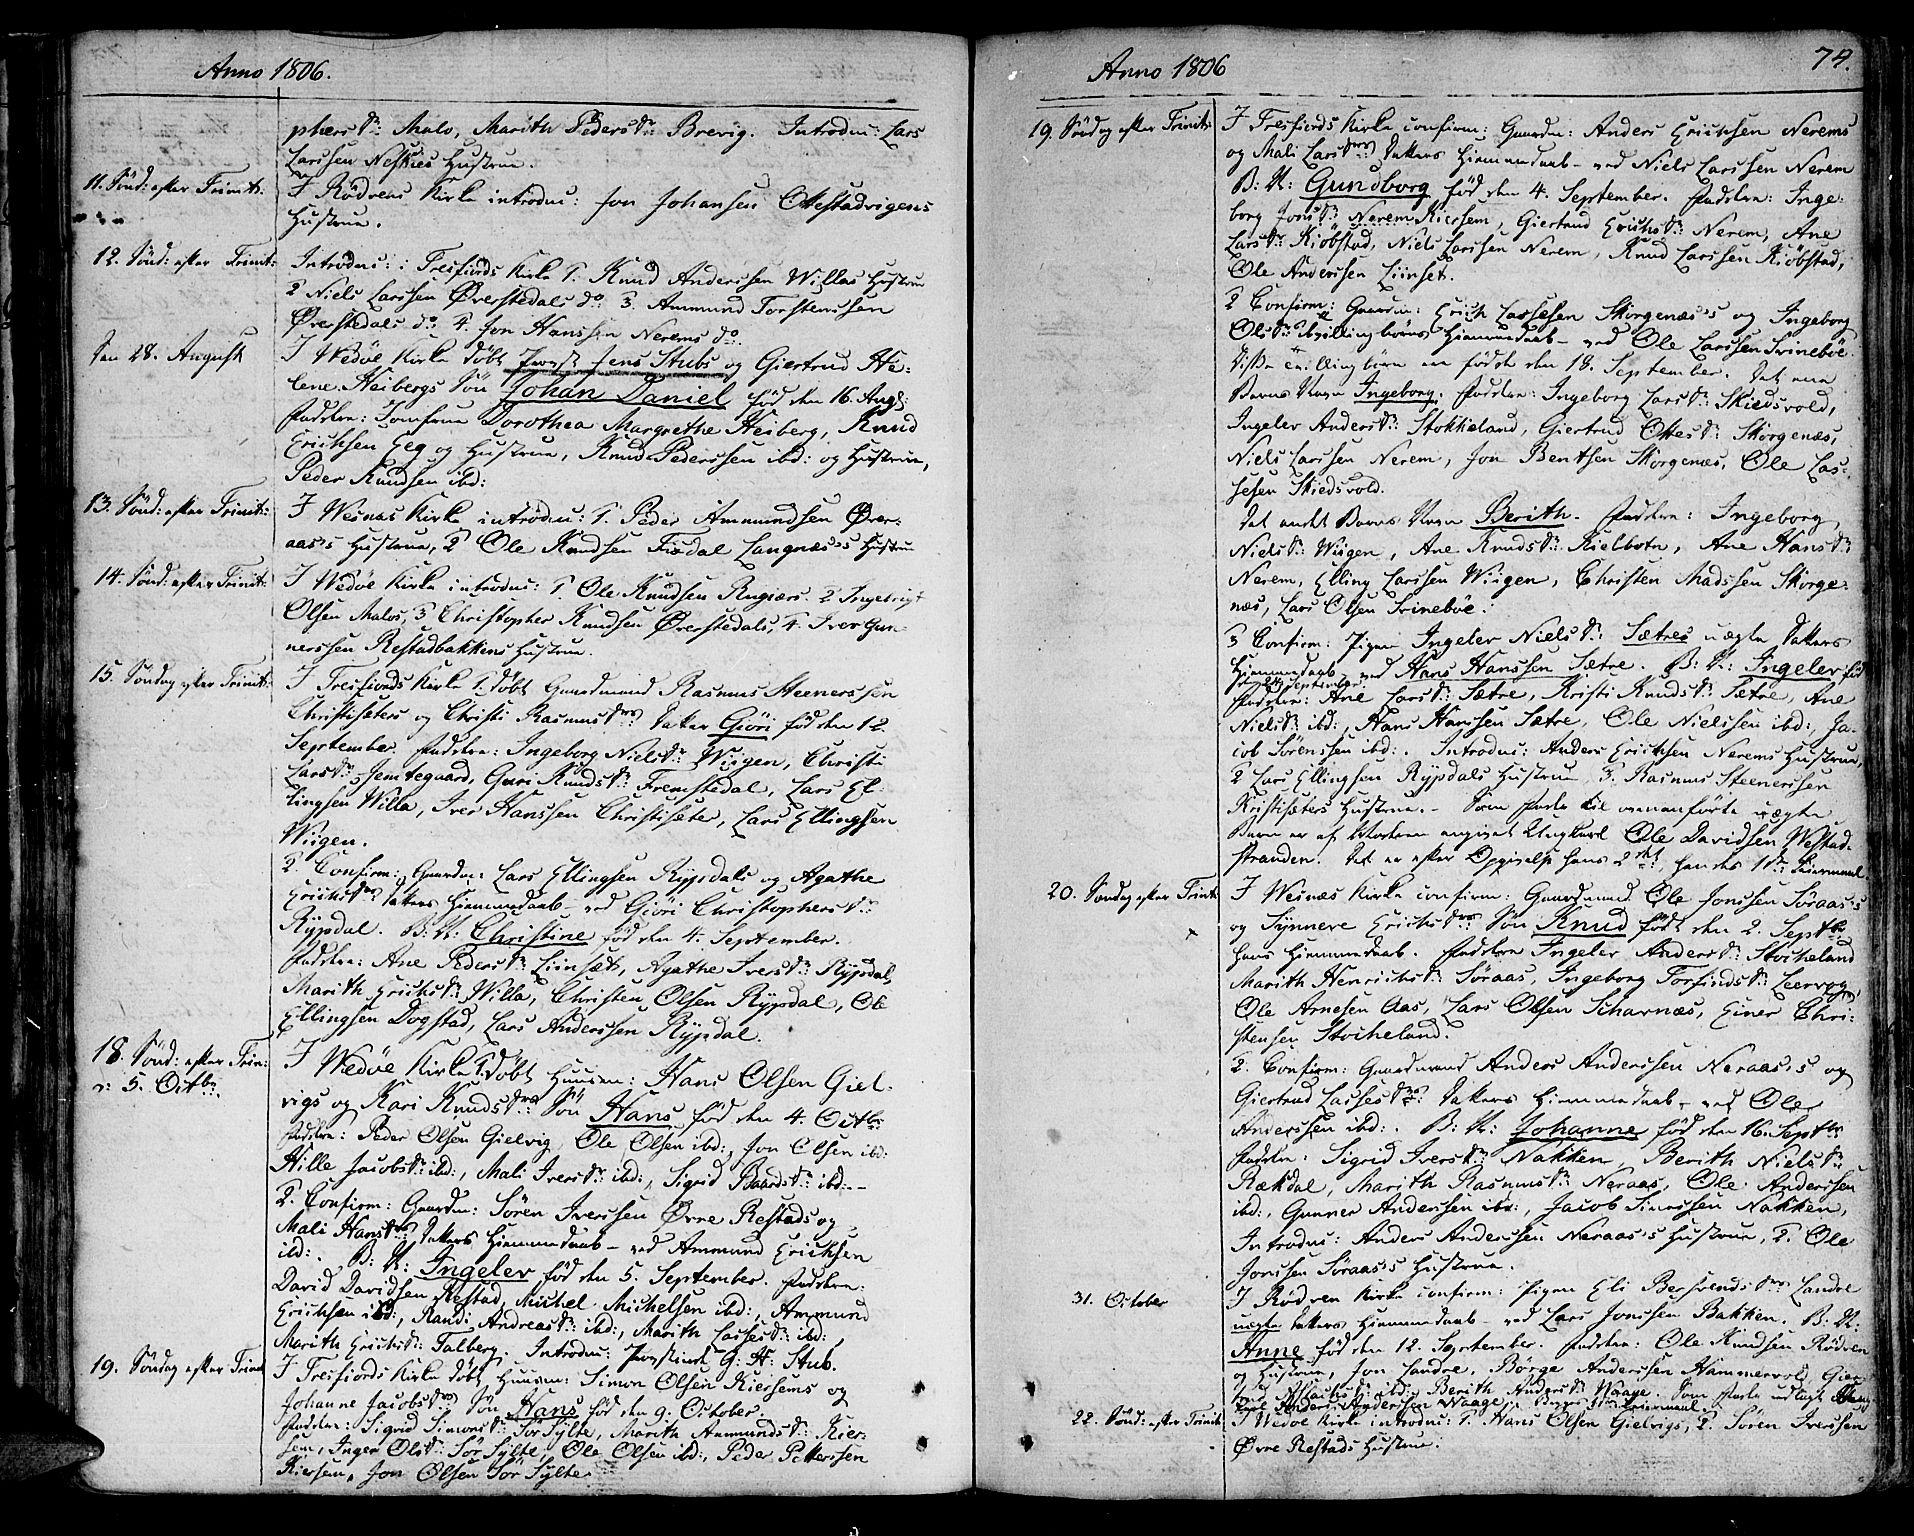 SAT, Ministerialprotokoller, klokkerbøker og fødselsregistre - Møre og Romsdal, 547/L0601: Ministerialbok nr. 547A03, 1799-1818, s. 74